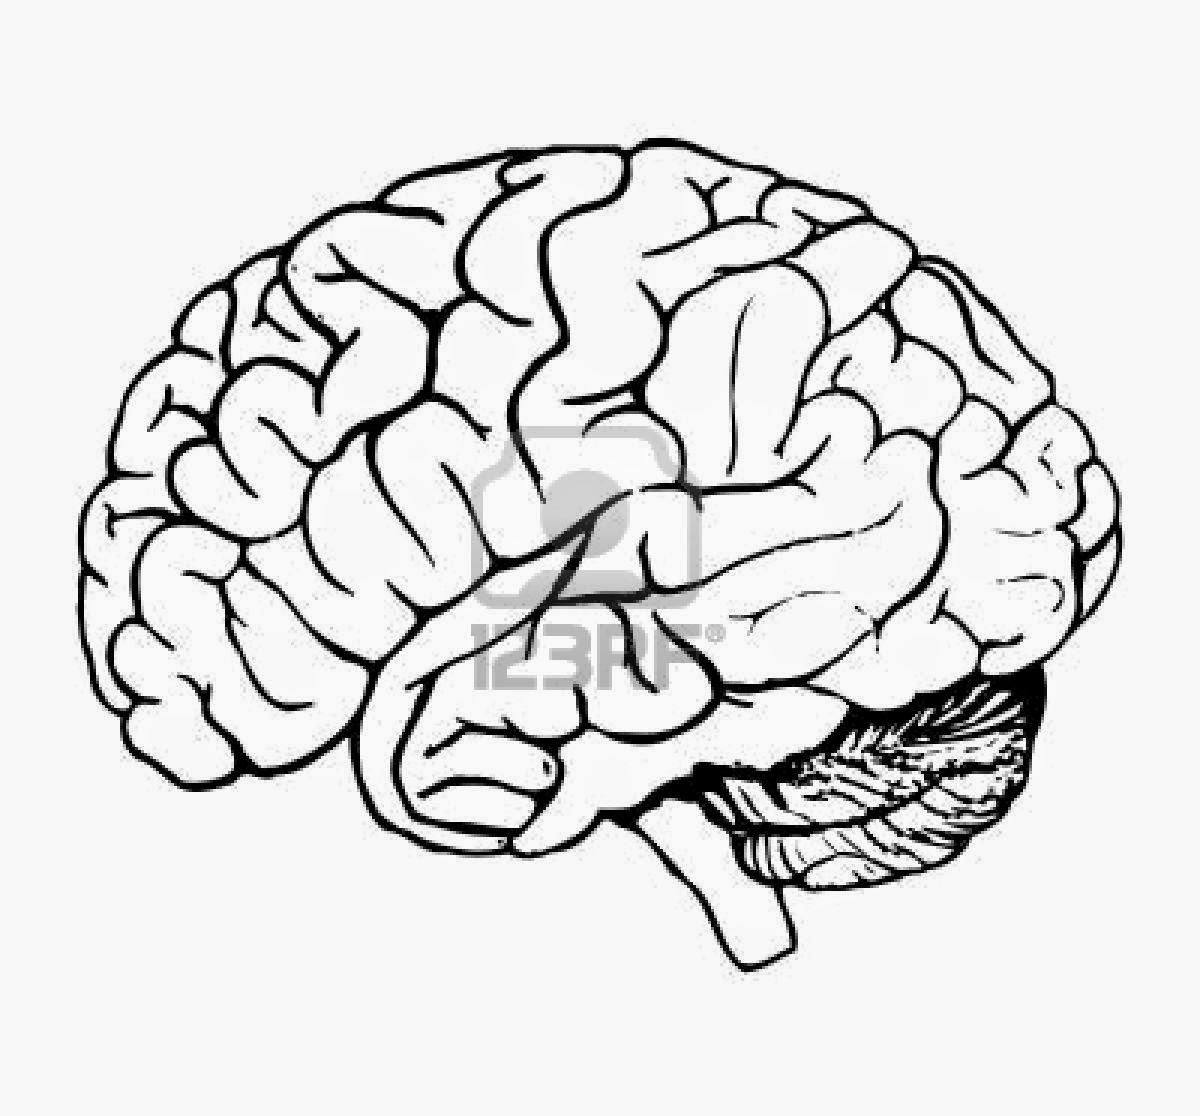 Sistema nervioso central y acotación sobre su funcionamiento en el ...